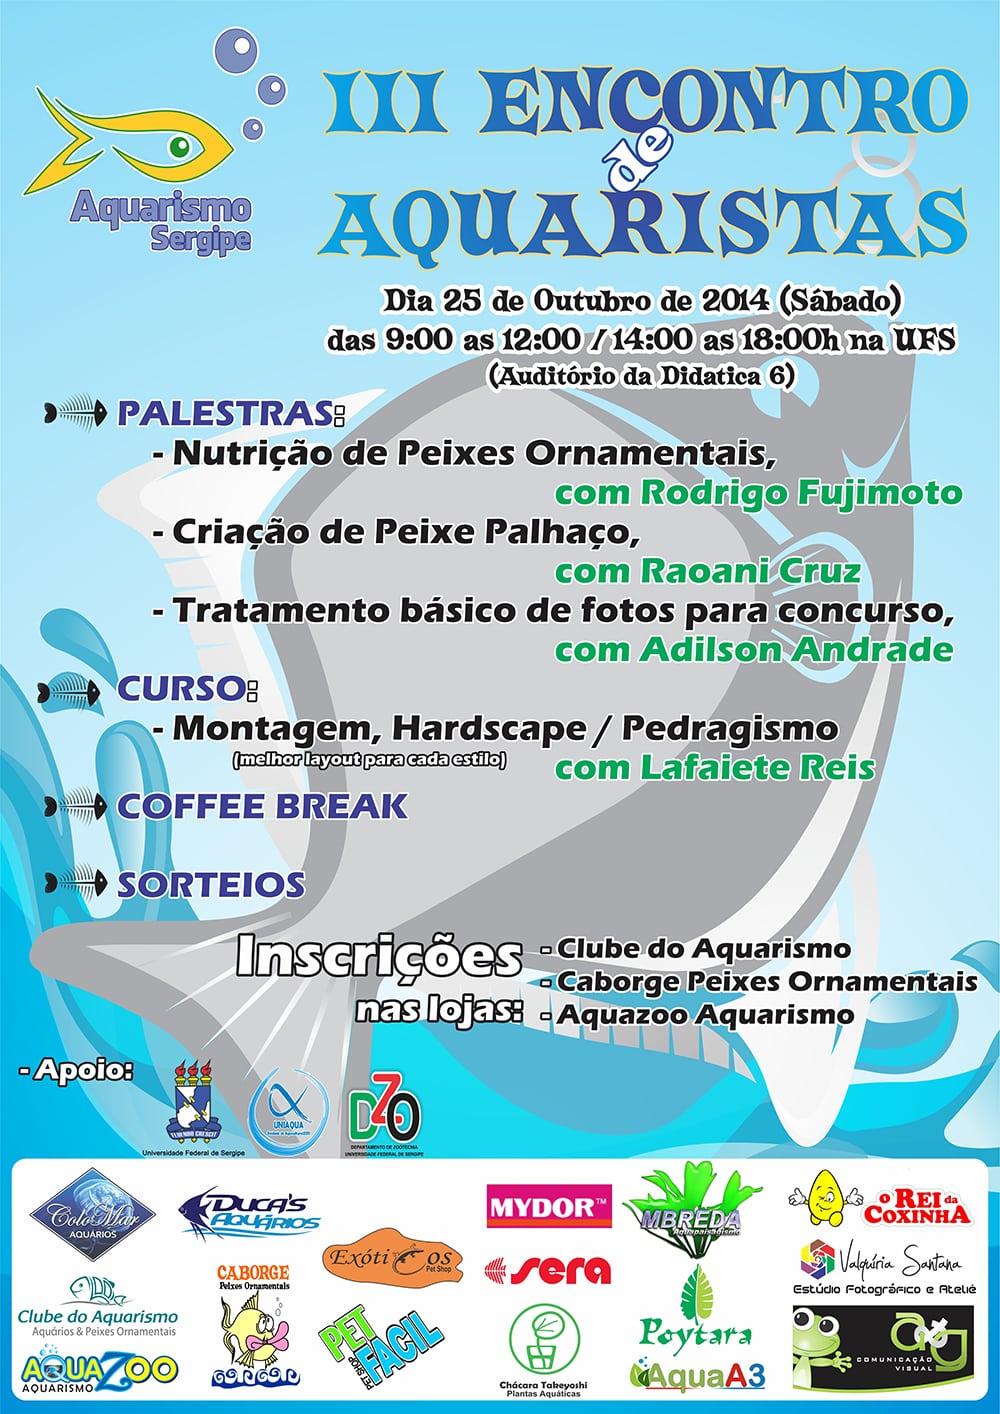 3º Encontro de Aquaristas em Sergipe